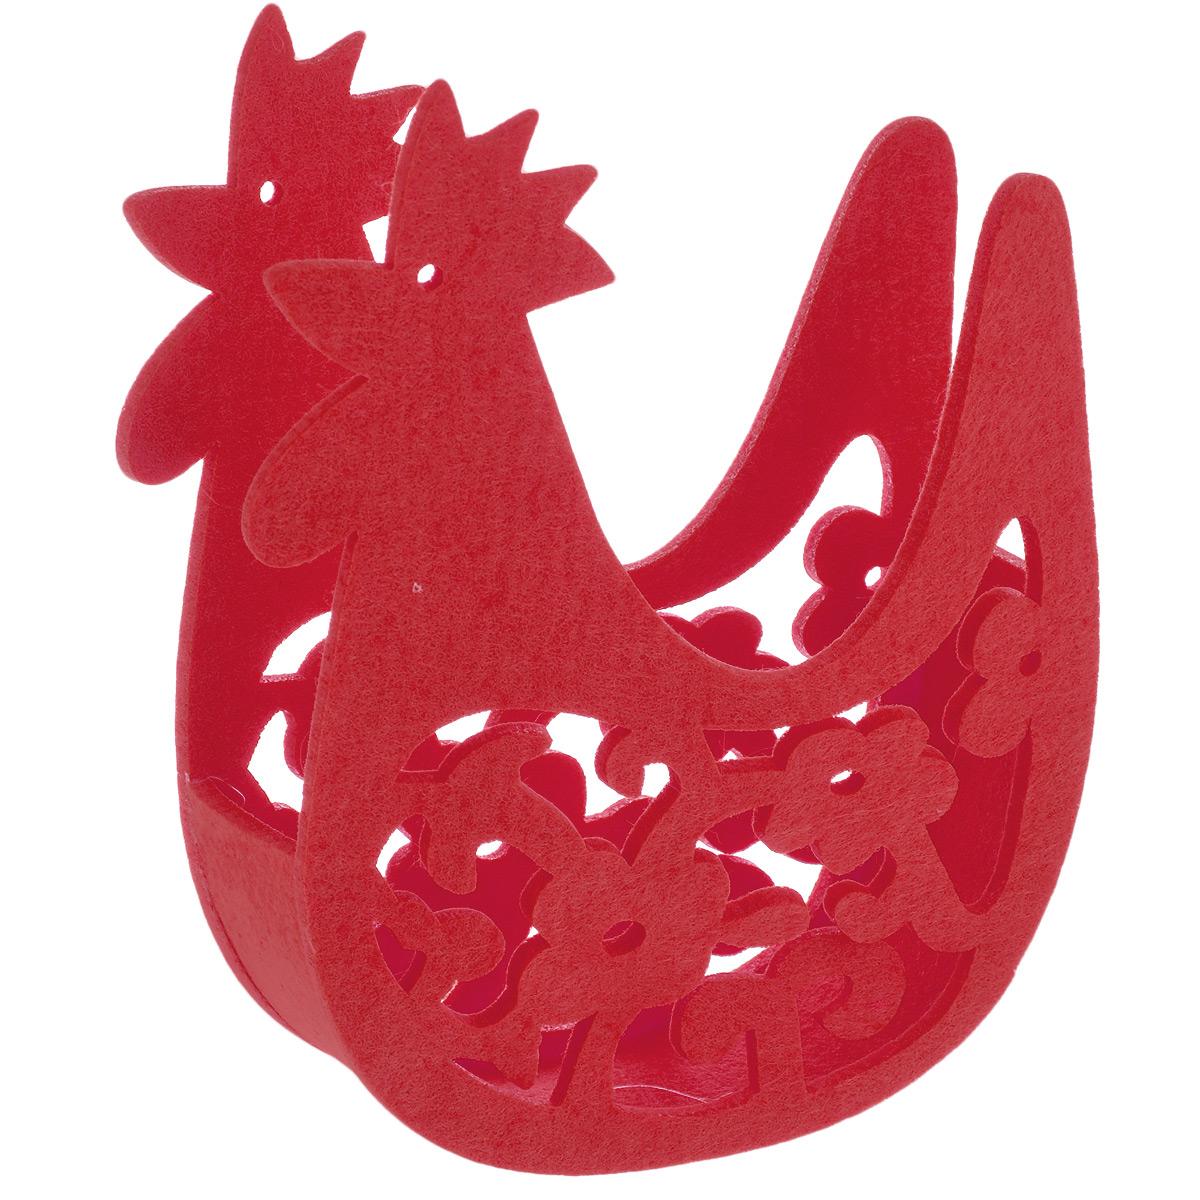 Корзинка Home Queen Курочка, цвет: красный, 18,5 х 6,5 х 25 см66835_2Корзинка Home Queen Курочка предназначена для украшения интерьера и сервировки стола. Изделие выполнено из фетра в виде курочки, по бокам оформлено перфорацией в виде красивых узоров. Такая оригинальная корзинка станет ярким украшением стола. Идеальный вариант для хранения пасхальных яиц или хлеба.